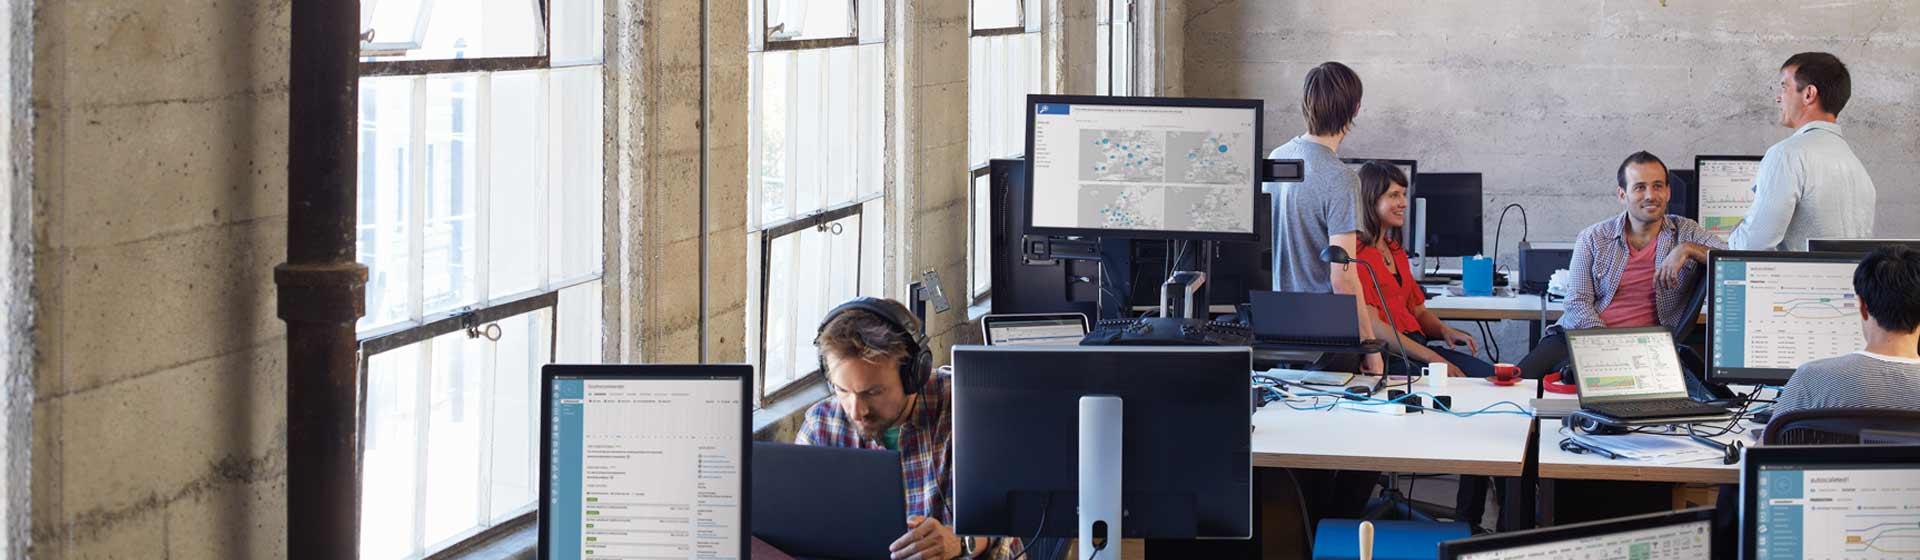 Een groep collega's zit en staat rond hun bureaus in een kantoor vol met computers waarop Office 365 wordt uitgevoerd